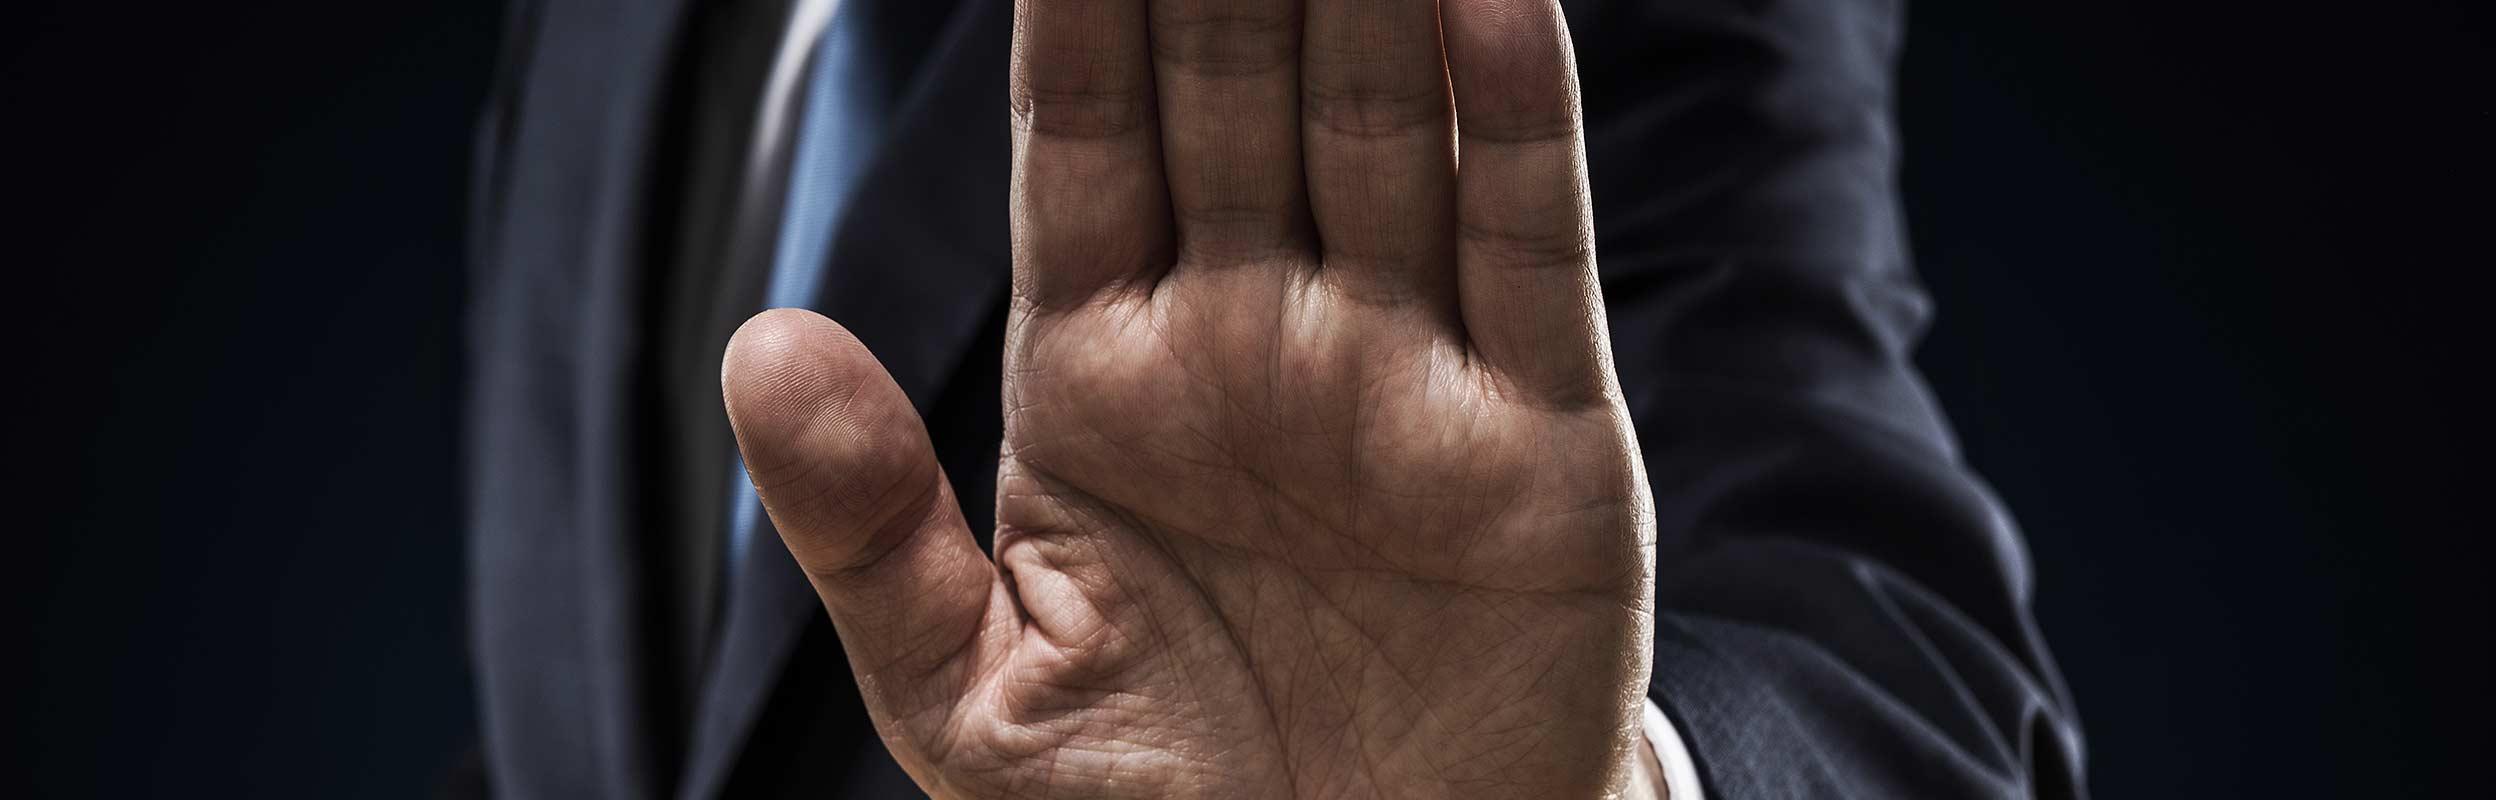 Les Ordres De Virement Des Entreprises Article Cic Professionnels